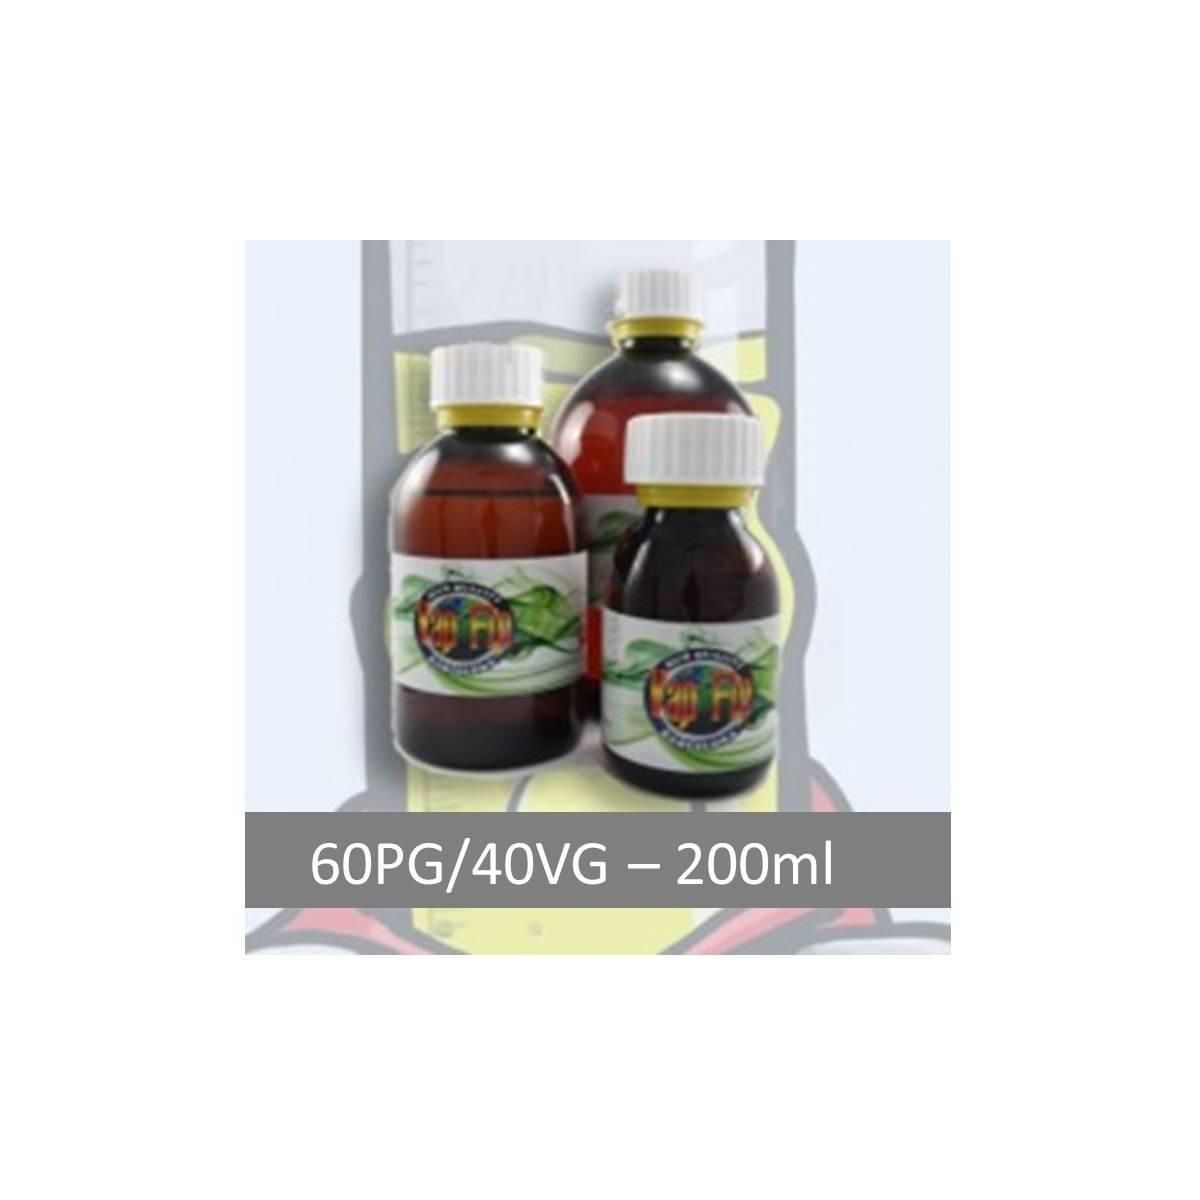 base Vap Fip 70PG / 30VG 200ml